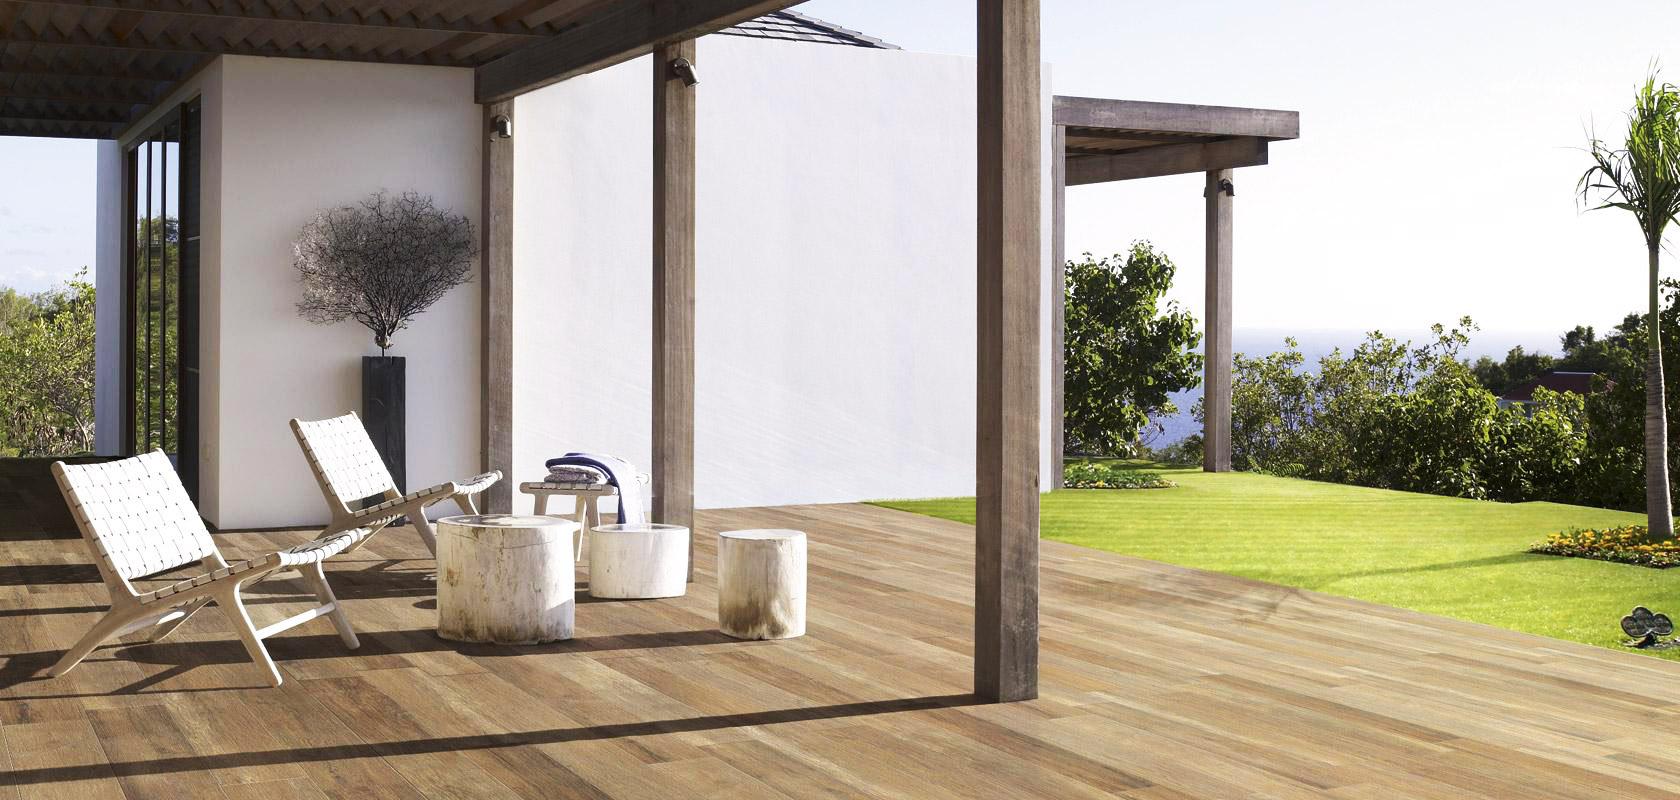 Carrelage bois antidérapant pour sol extérieur en grès